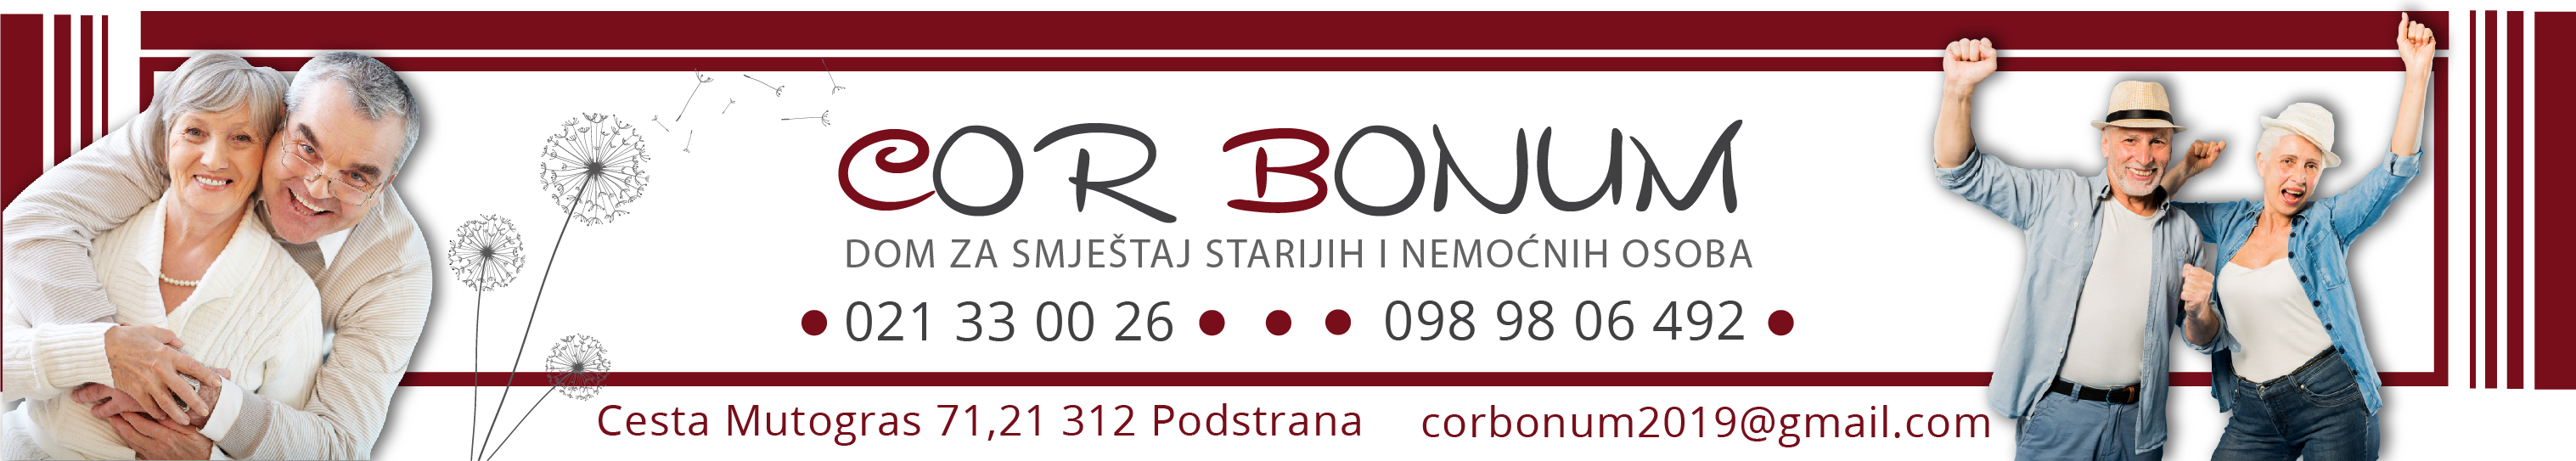 COR-BONUM-1